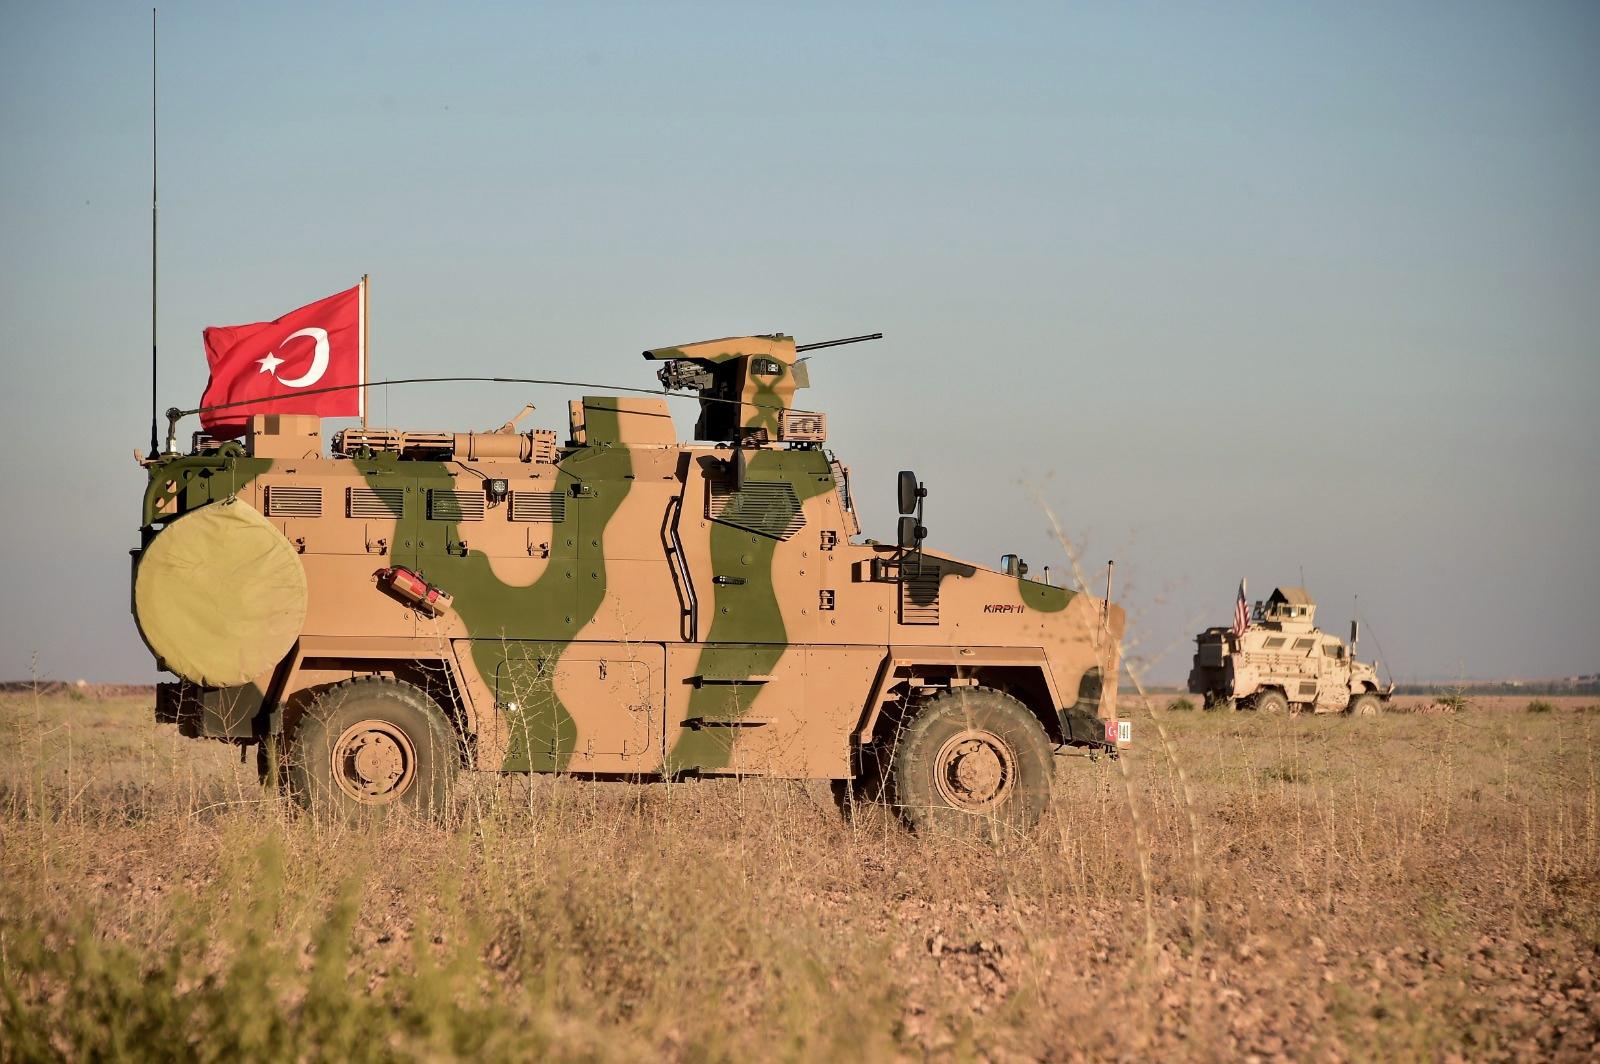 militari-turchi-invadono-nuovi-territori-in-siria-foto-ap